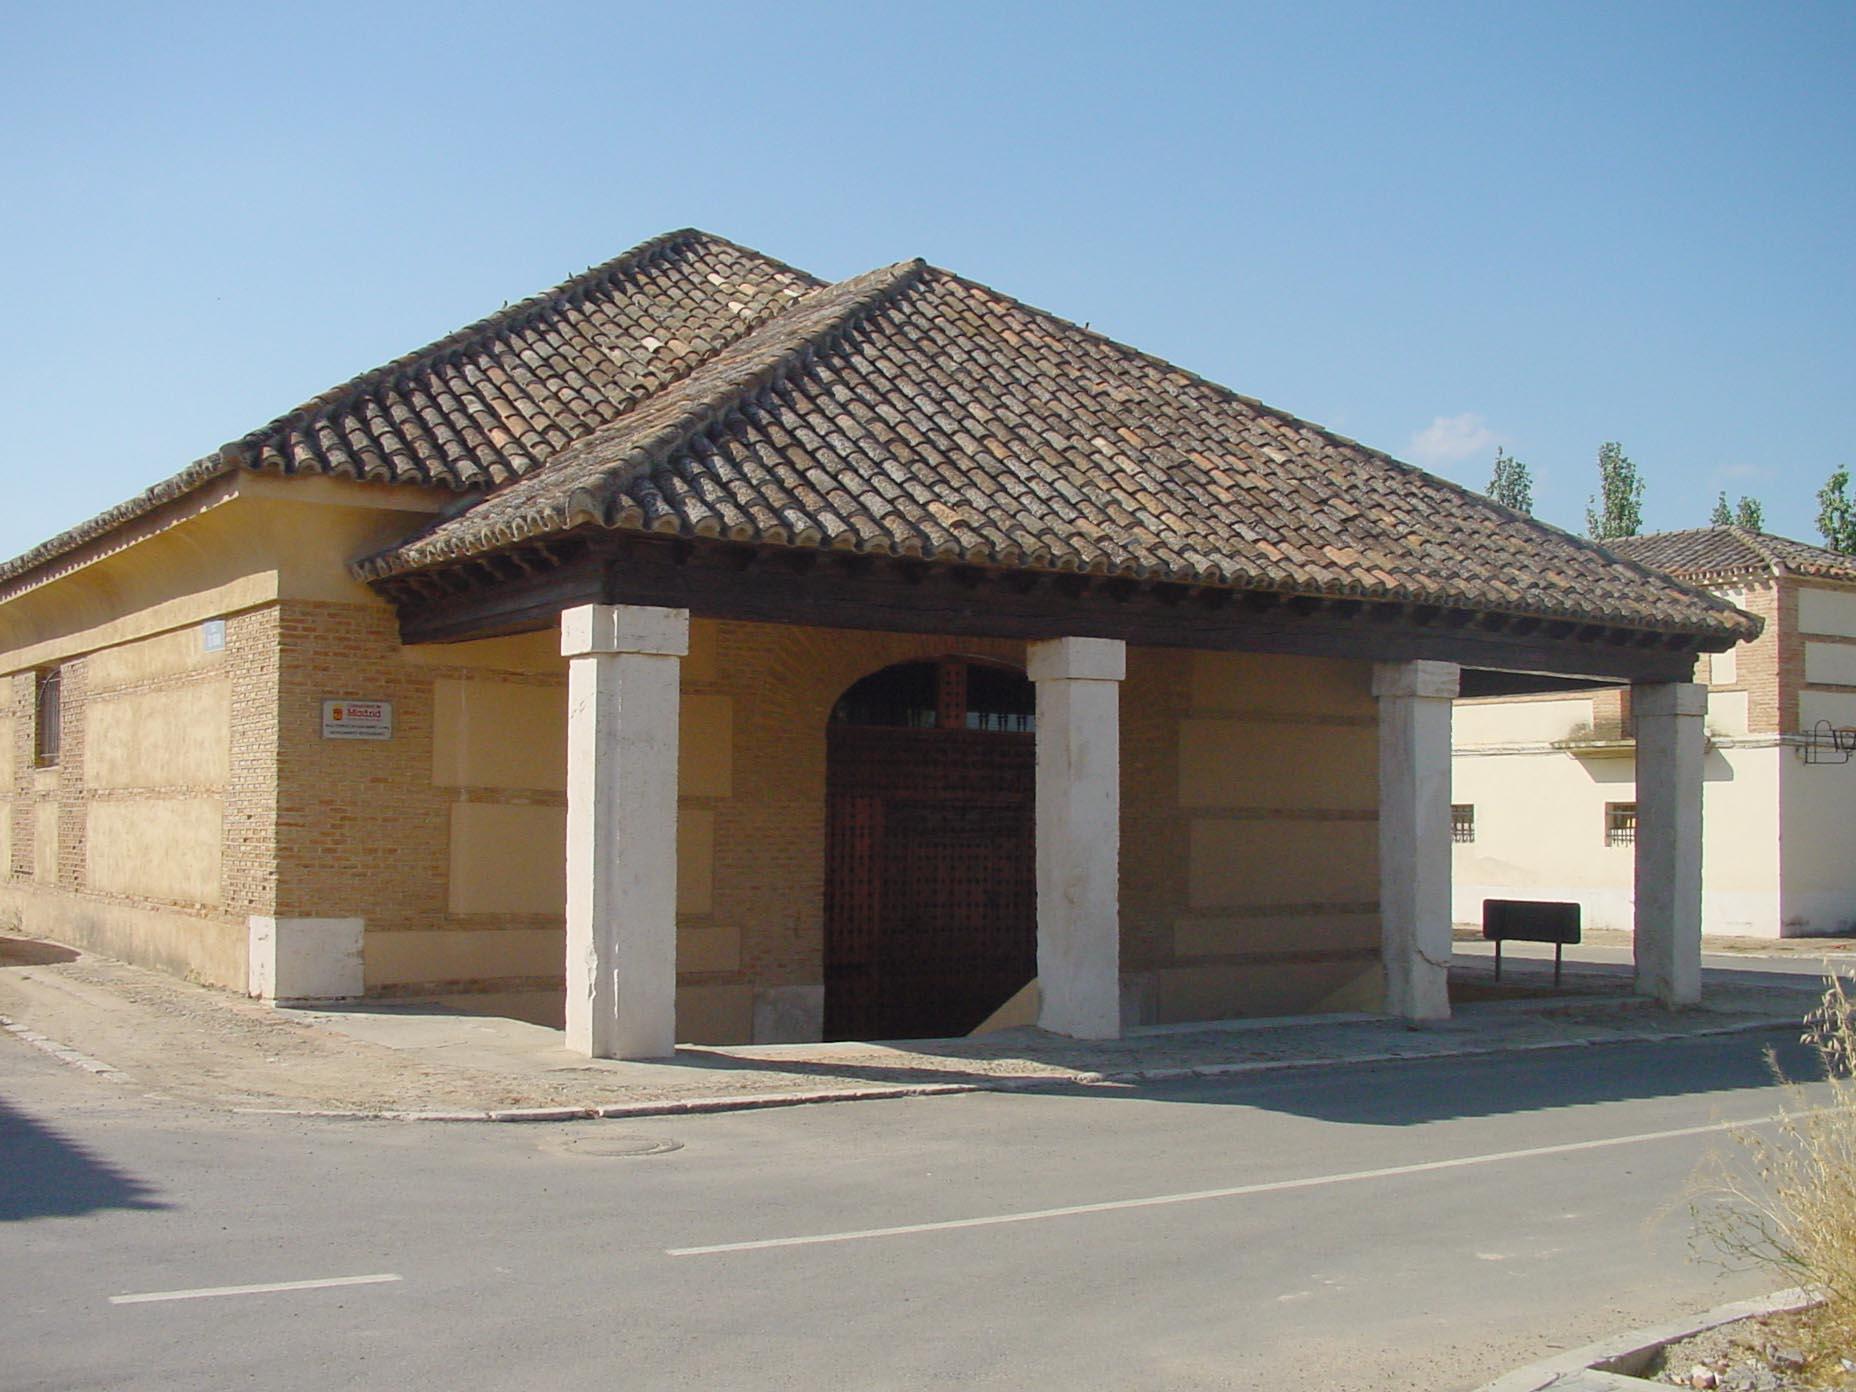 Detalle de puerta y pórtico con columnas en Aranjuez